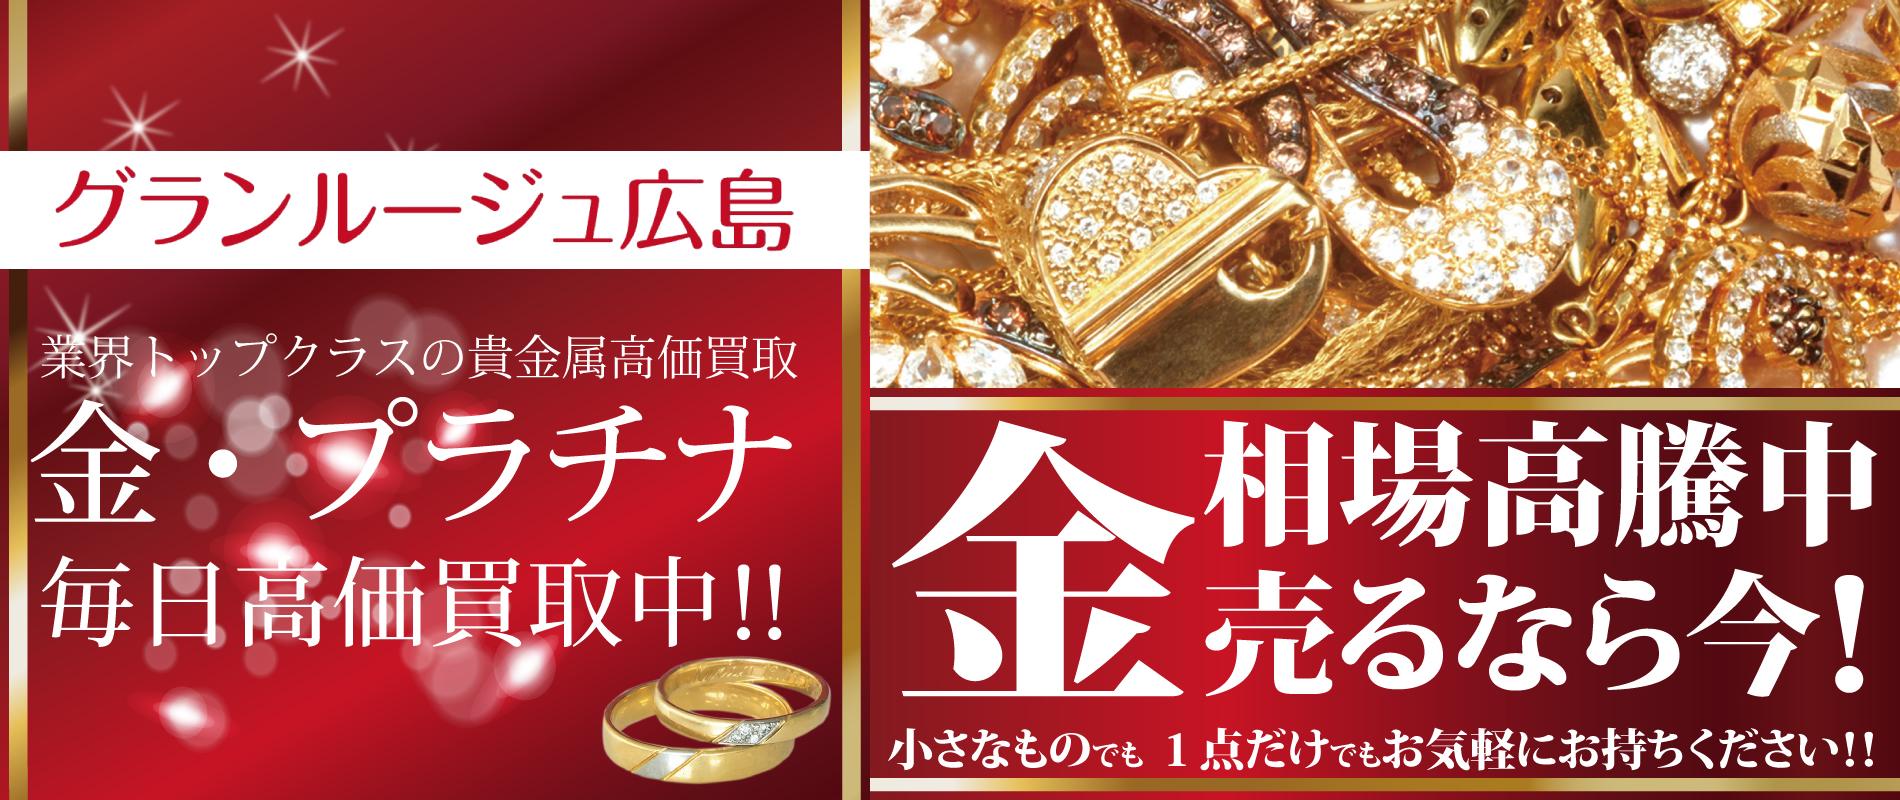 グランルージュ広島│金・プラチナを毎日高価買取中!